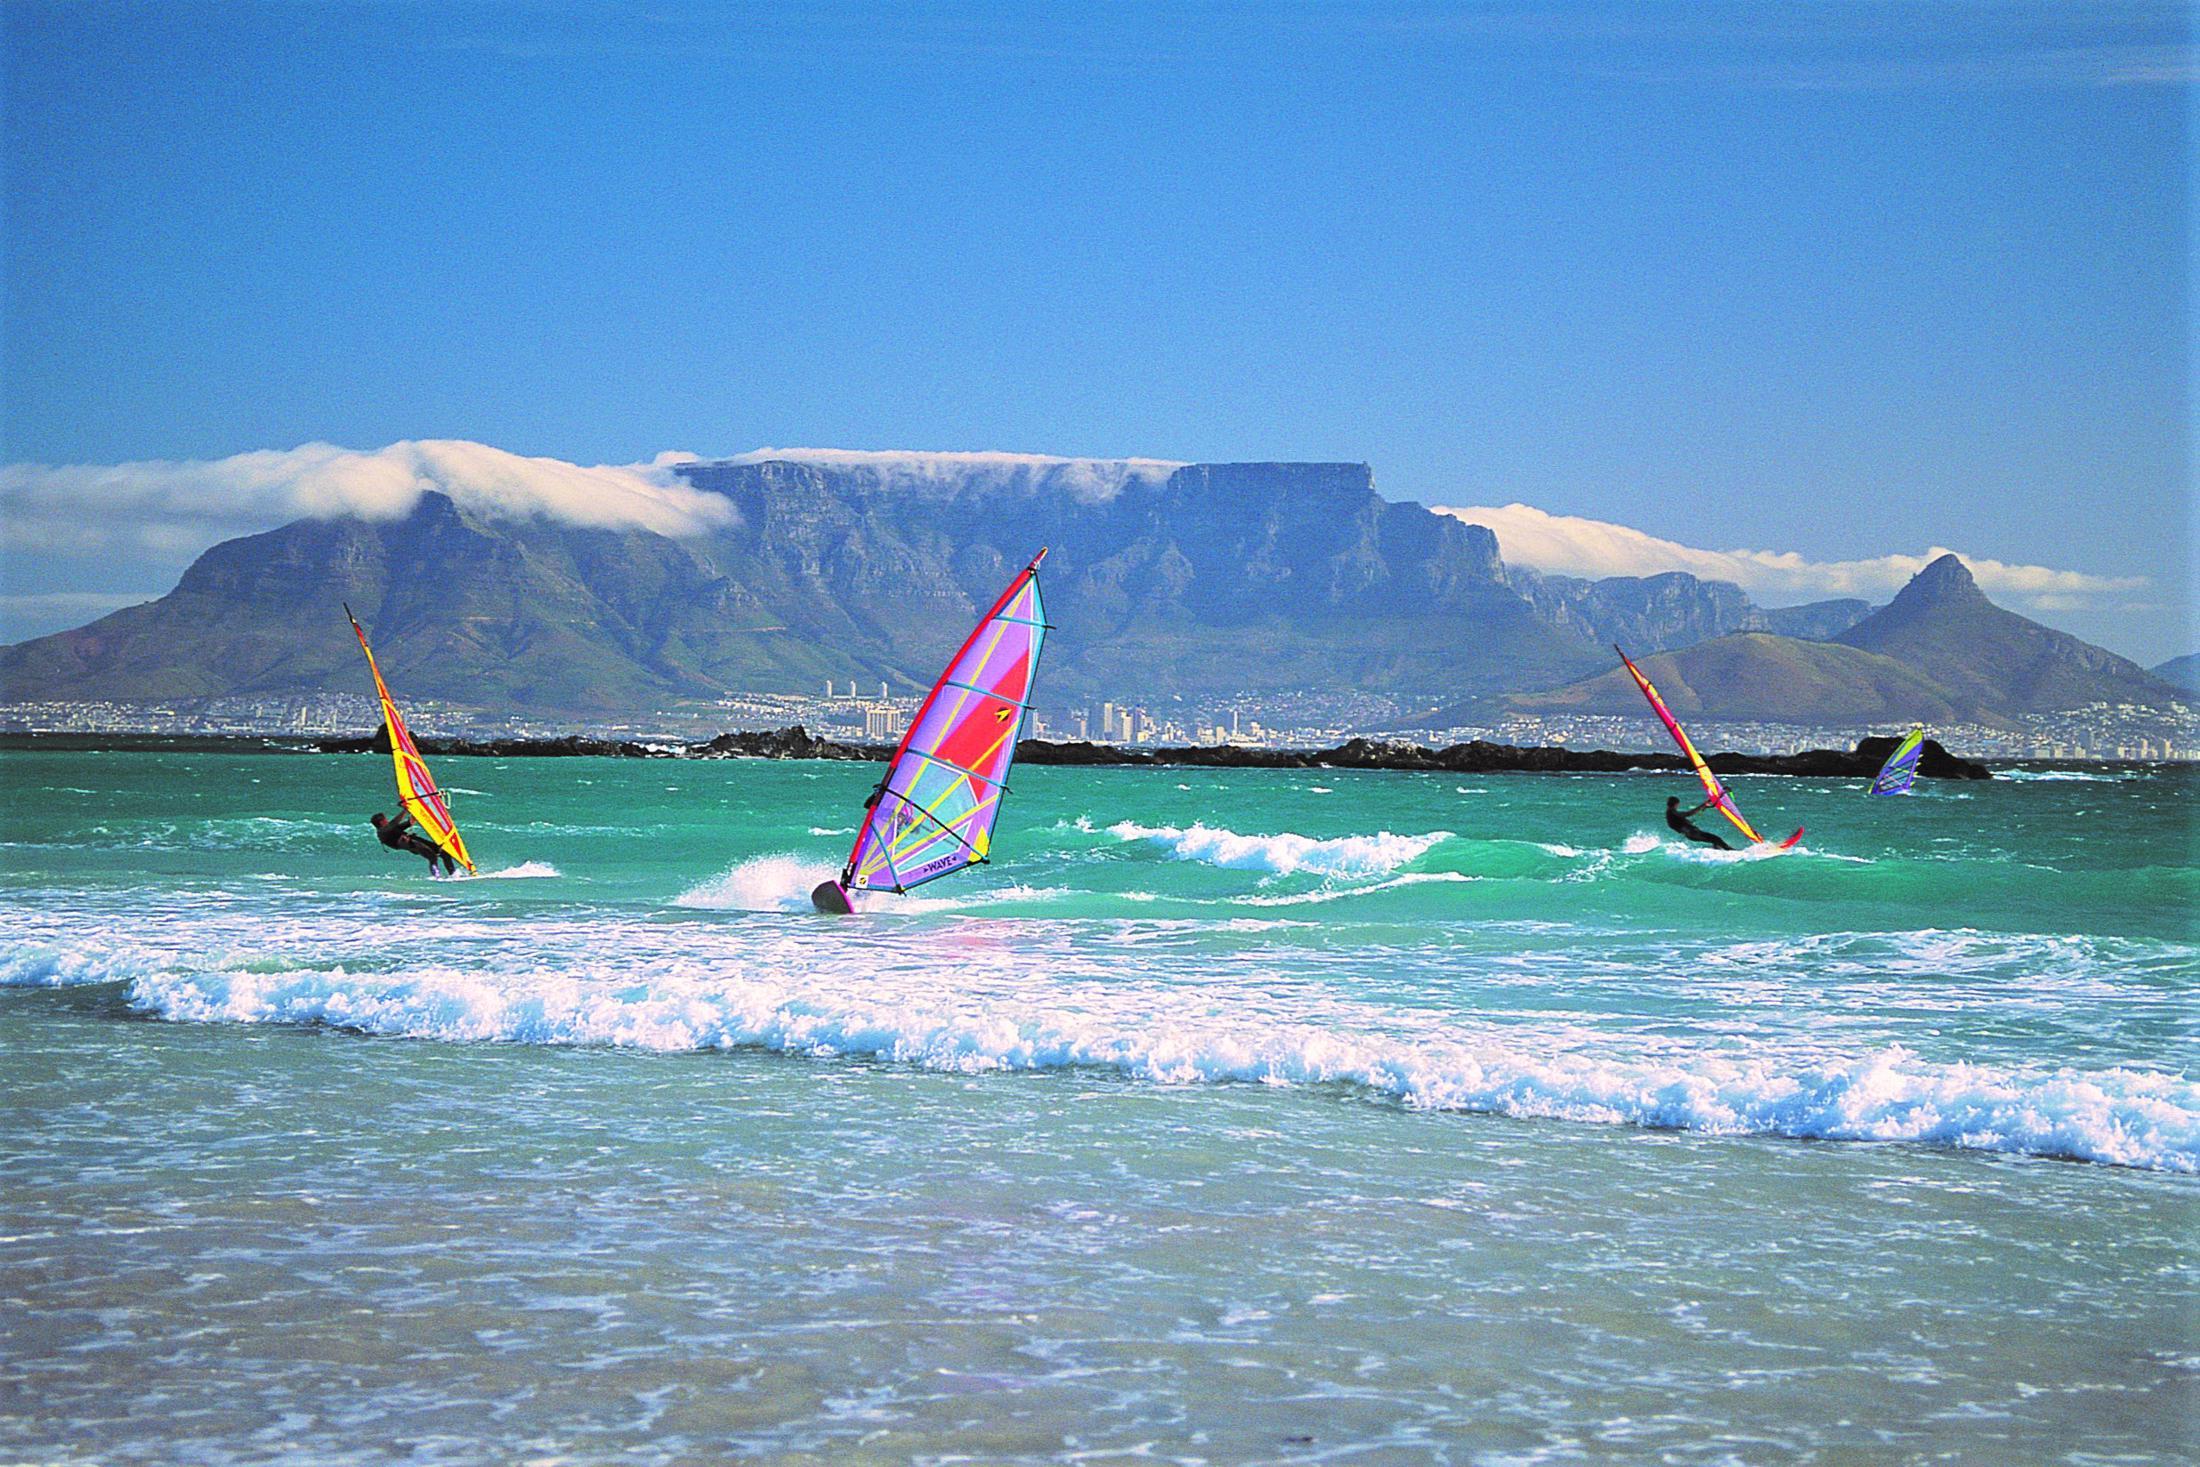 Avontuur & actie reizen Afrika - Windsurfers met Tafelberg op de achtergrond, Kaapstad